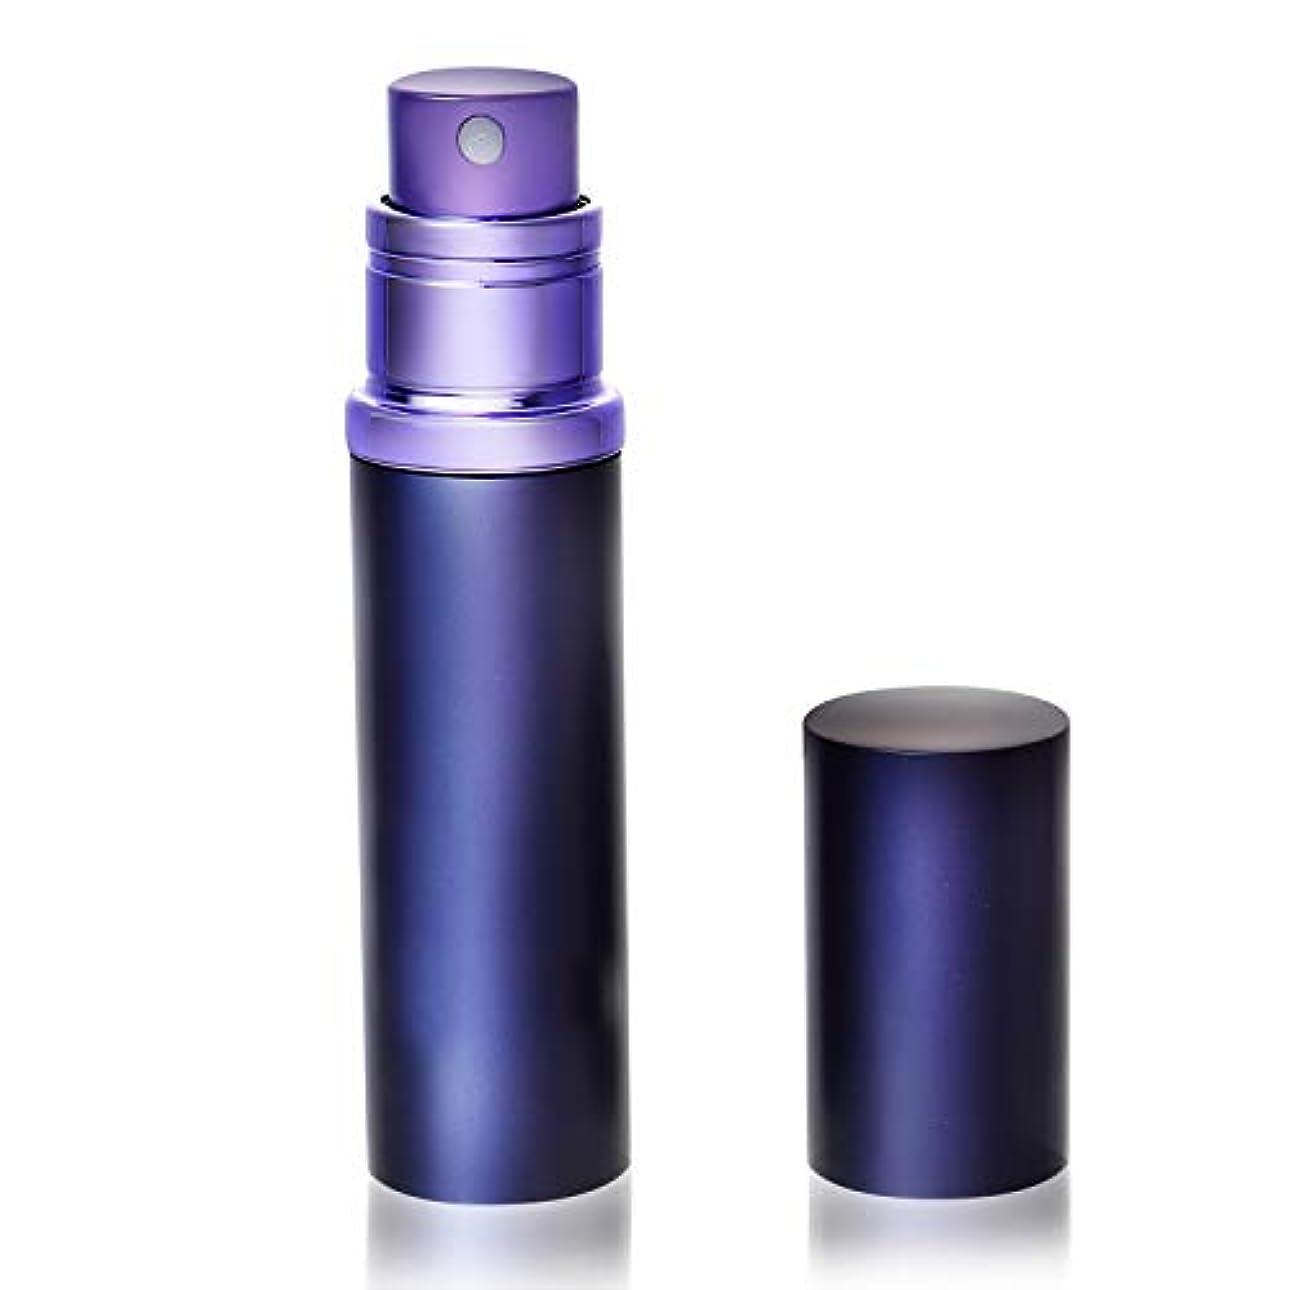 クラック実証するファンシーアトマイザ- 香水 クイックアトマイザー ワンタッチ 入れ物 簡単 持ち運び 詰め替え ポータブルクイック 容器 噴霧器 ブルーパープル YOOMARO